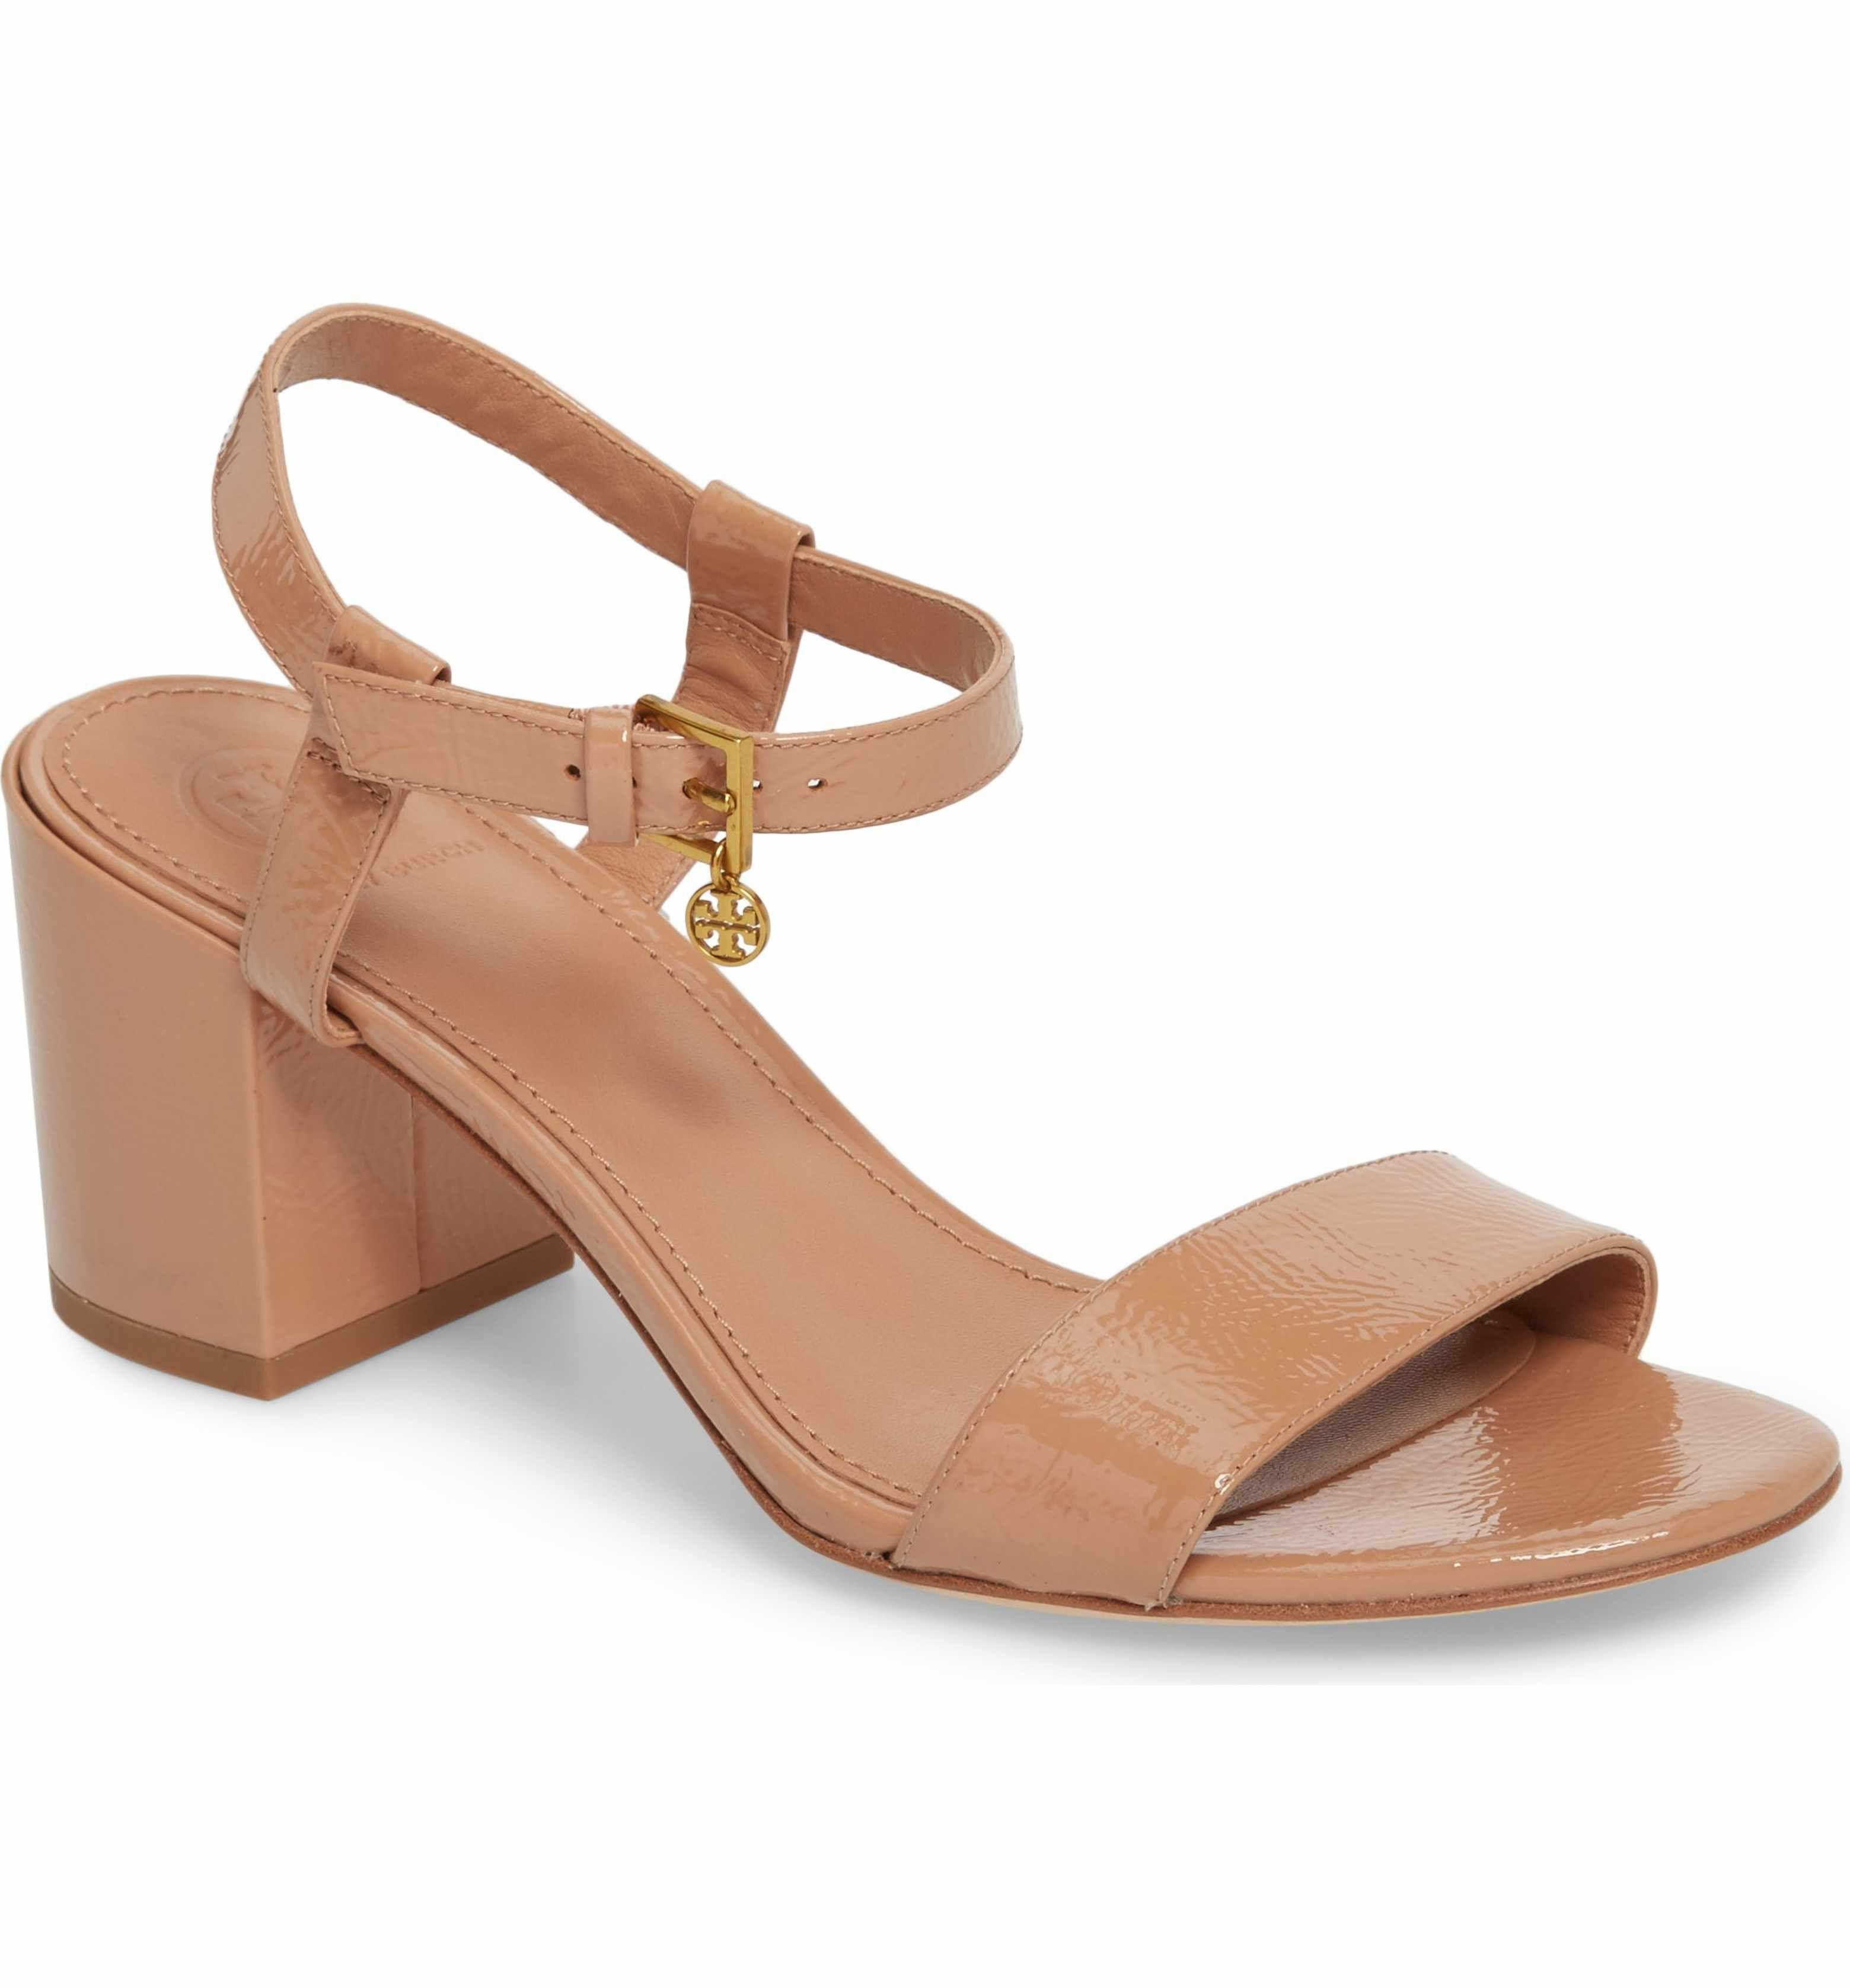 de6d9f5900d2 Main Image - Tory Burch Laurel Ankle Strap Sandal (Women)